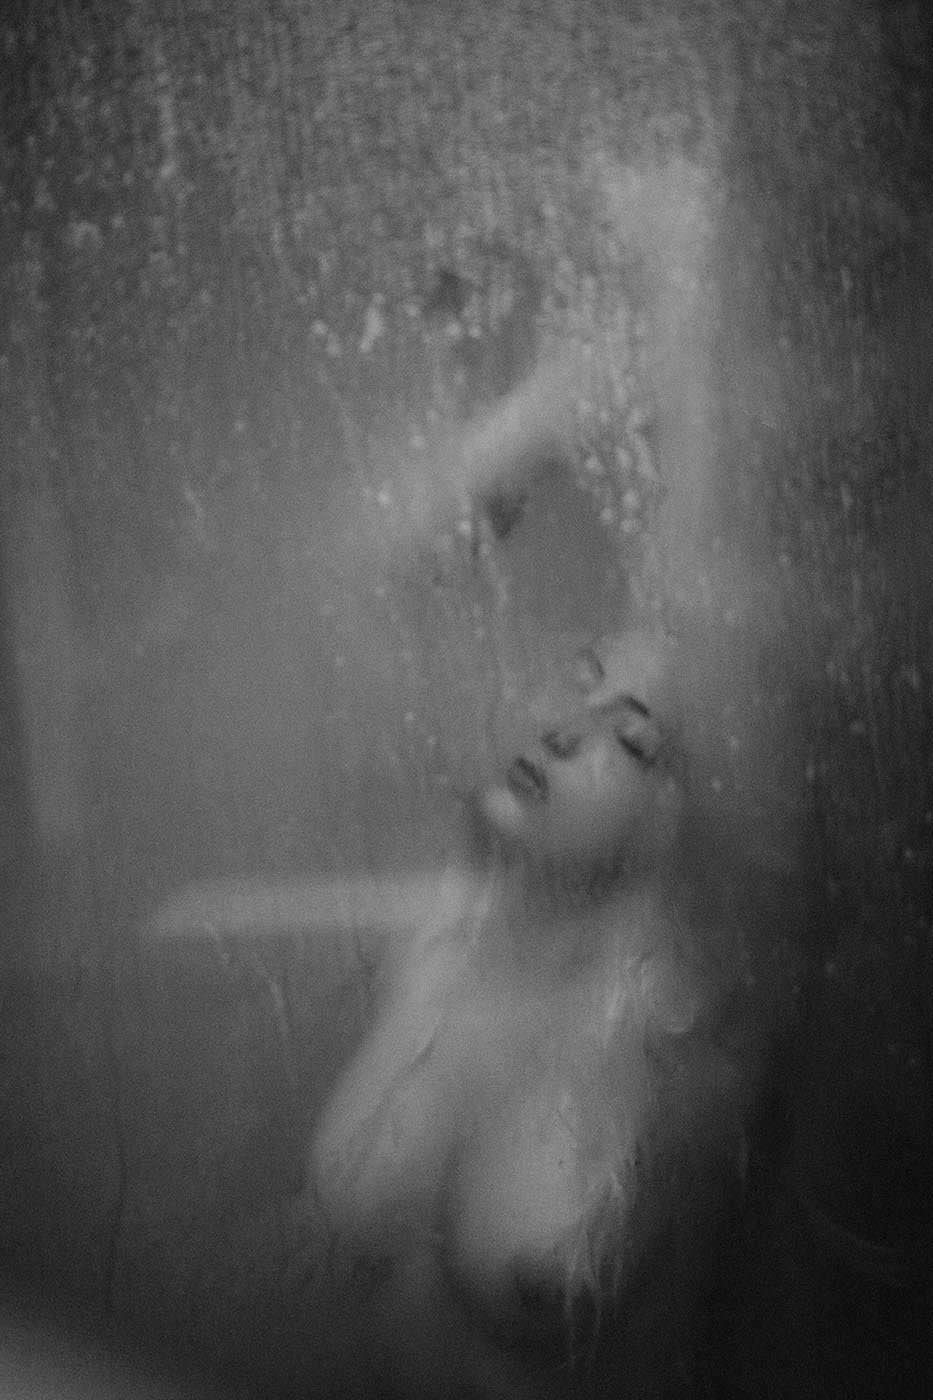 Boudoir Idea with a women in steamy shower scene.